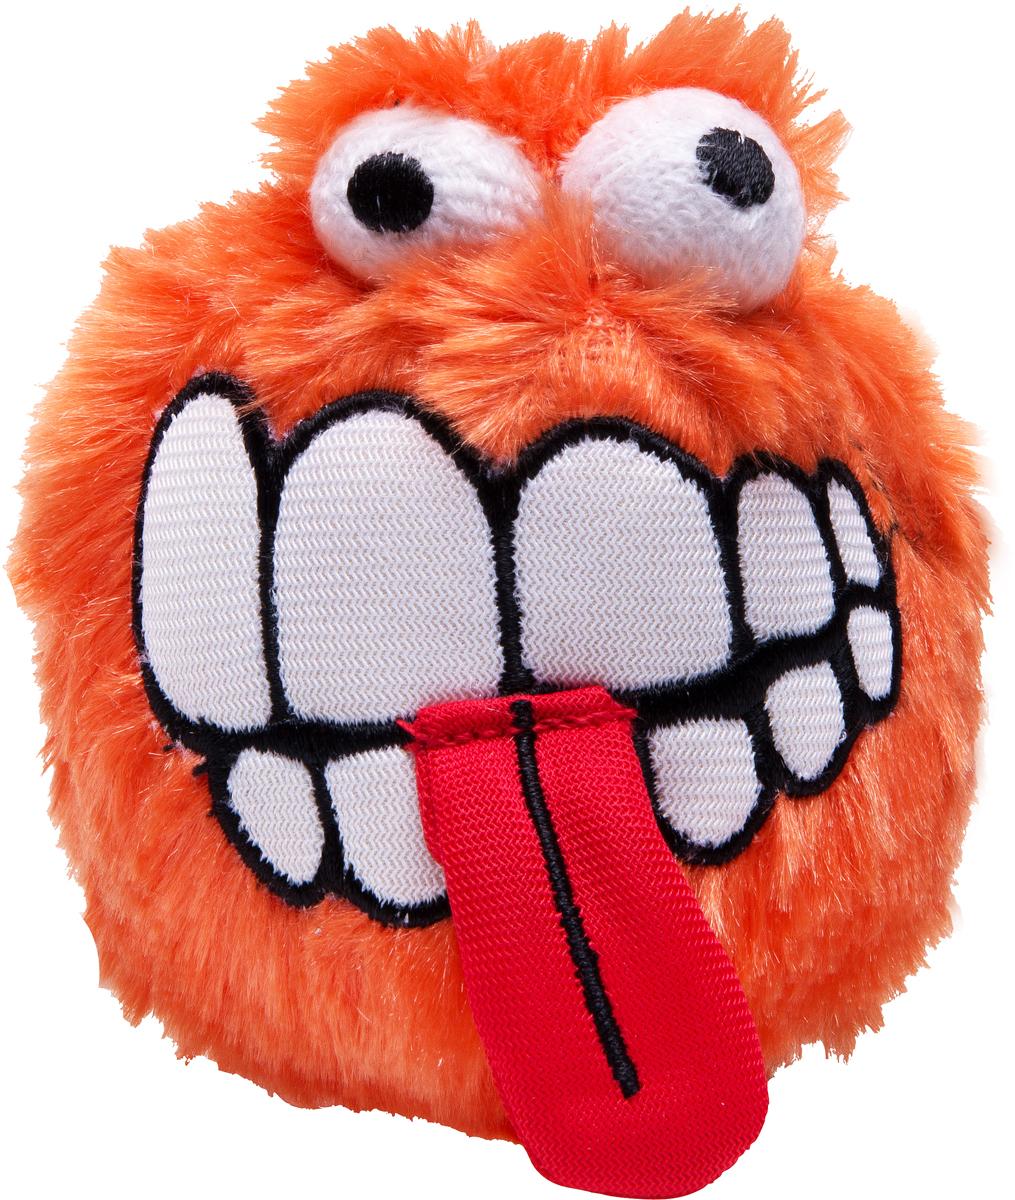 Игрушка для собак Rogz  Fluffy Grinz. Зубы , цвет: оранжевый, диаметр 7,8 см - Игрушки